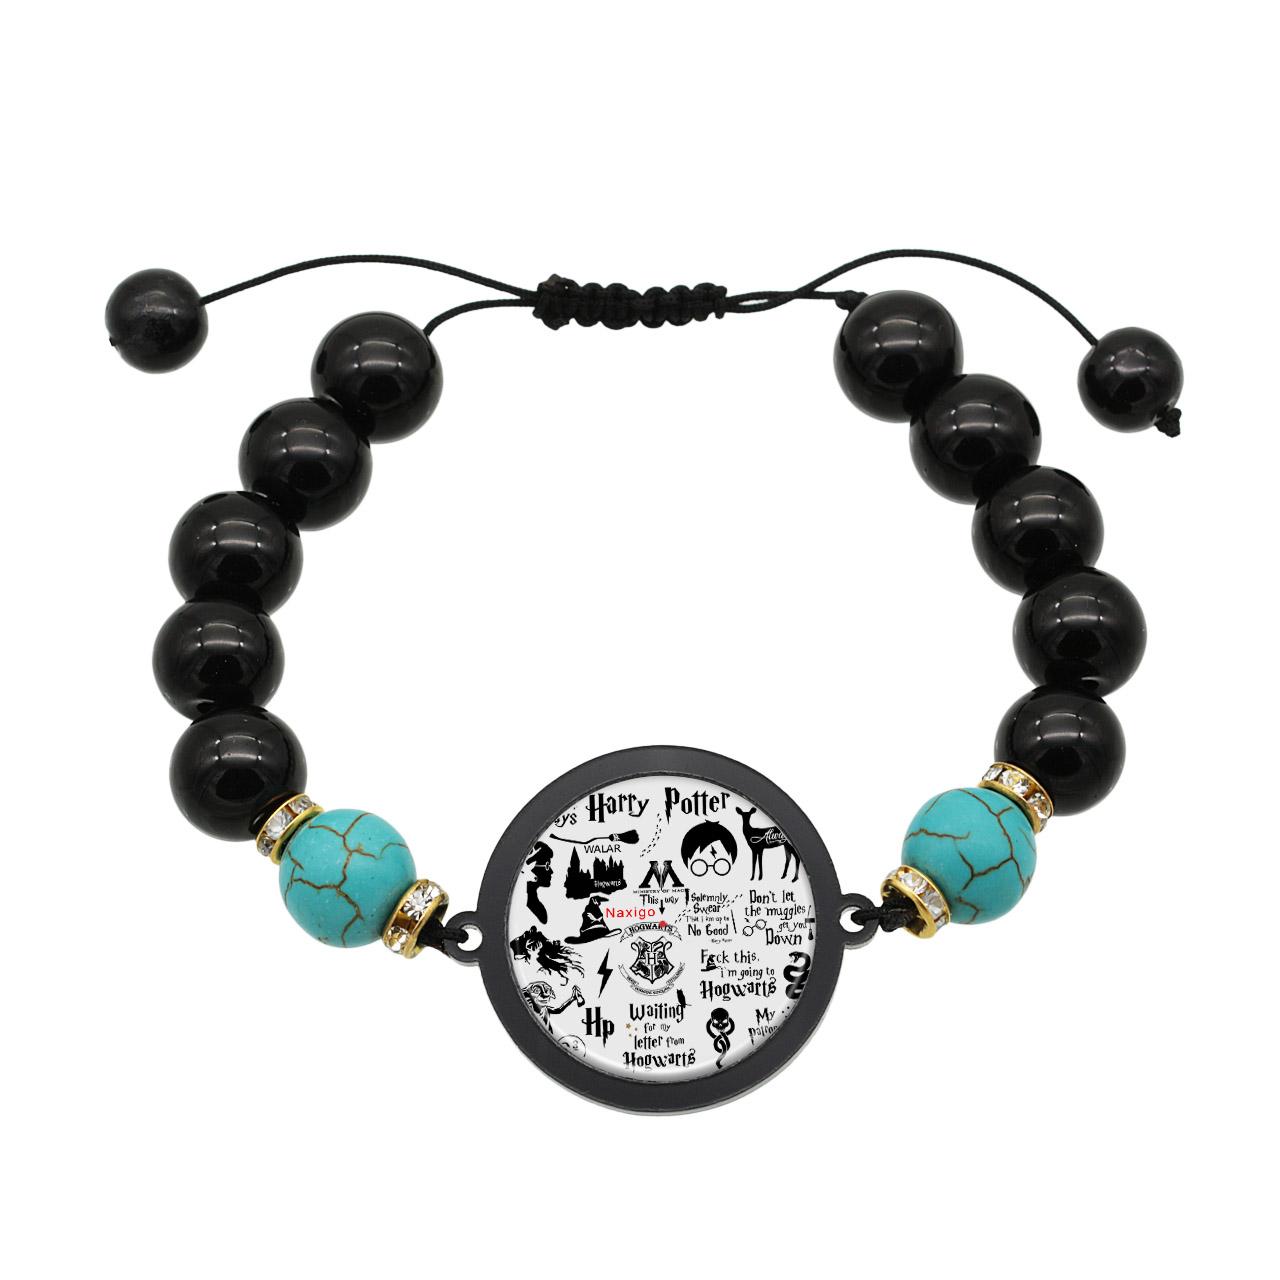 دستبند زنانه ناکسیگو طرح هری پاتر کد BR4014